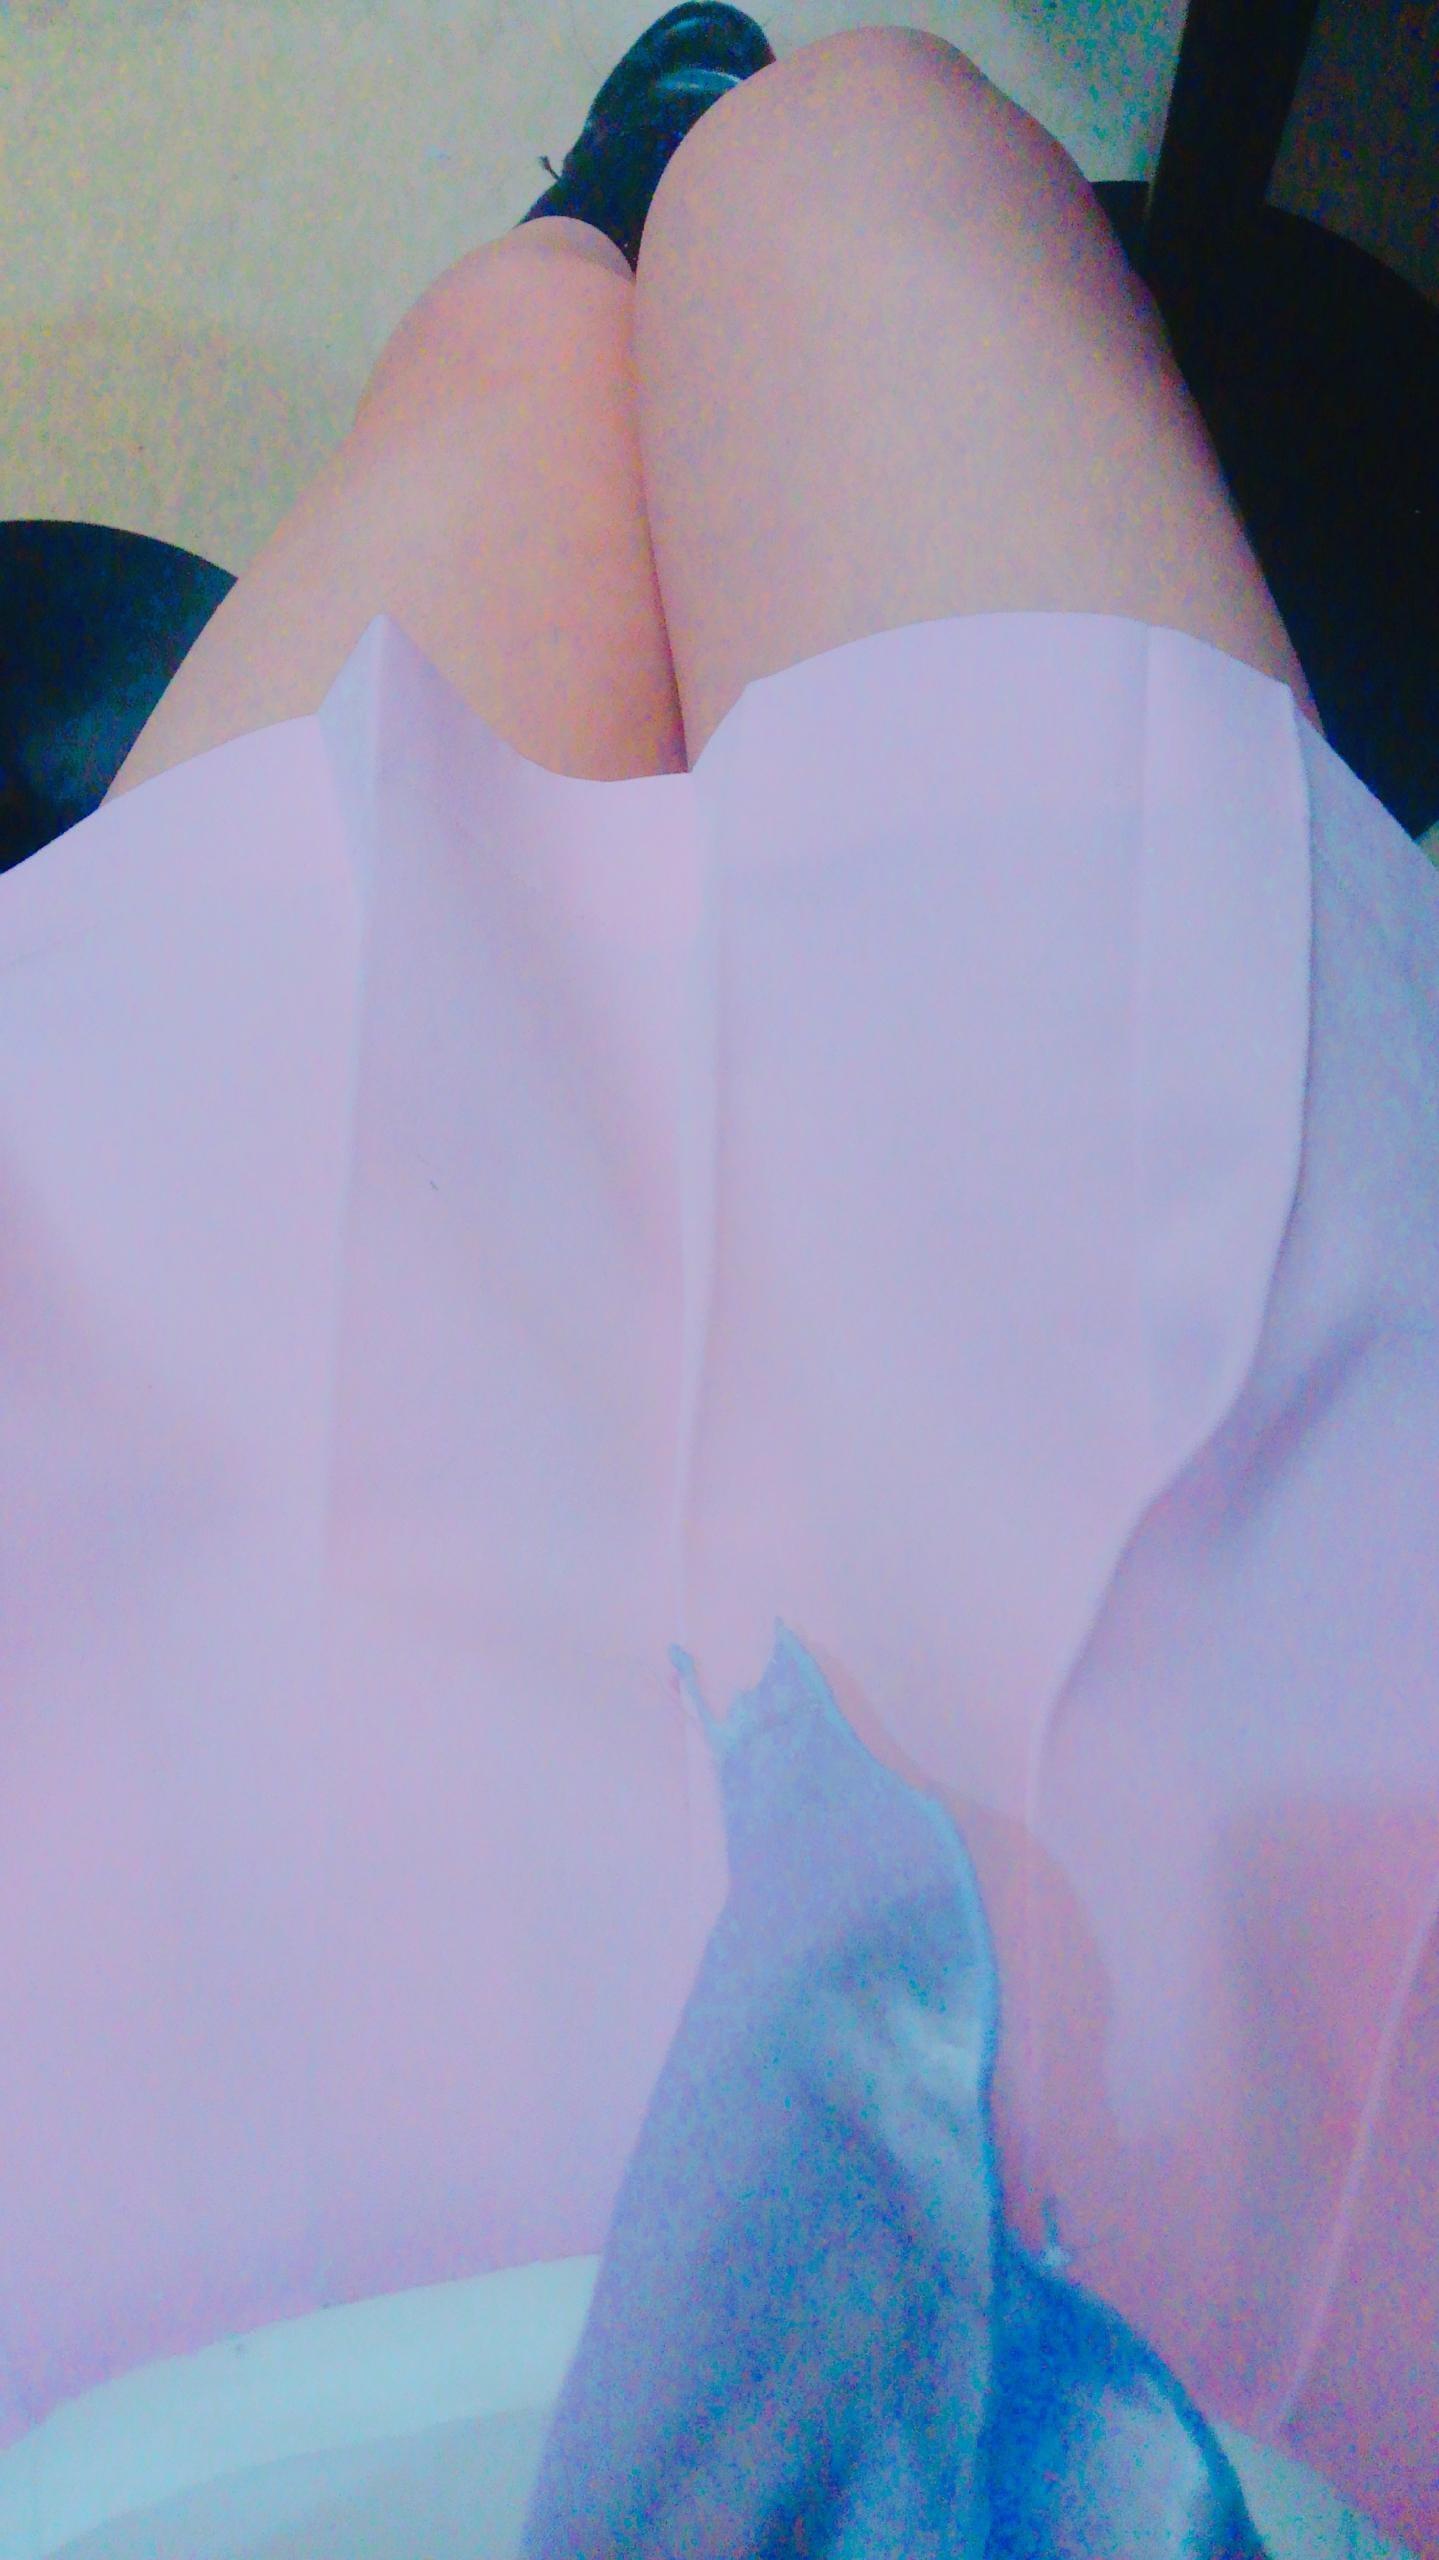 「はじめまして!」01/20(01/20) 22:47 | 太宰の写メ・風俗動画